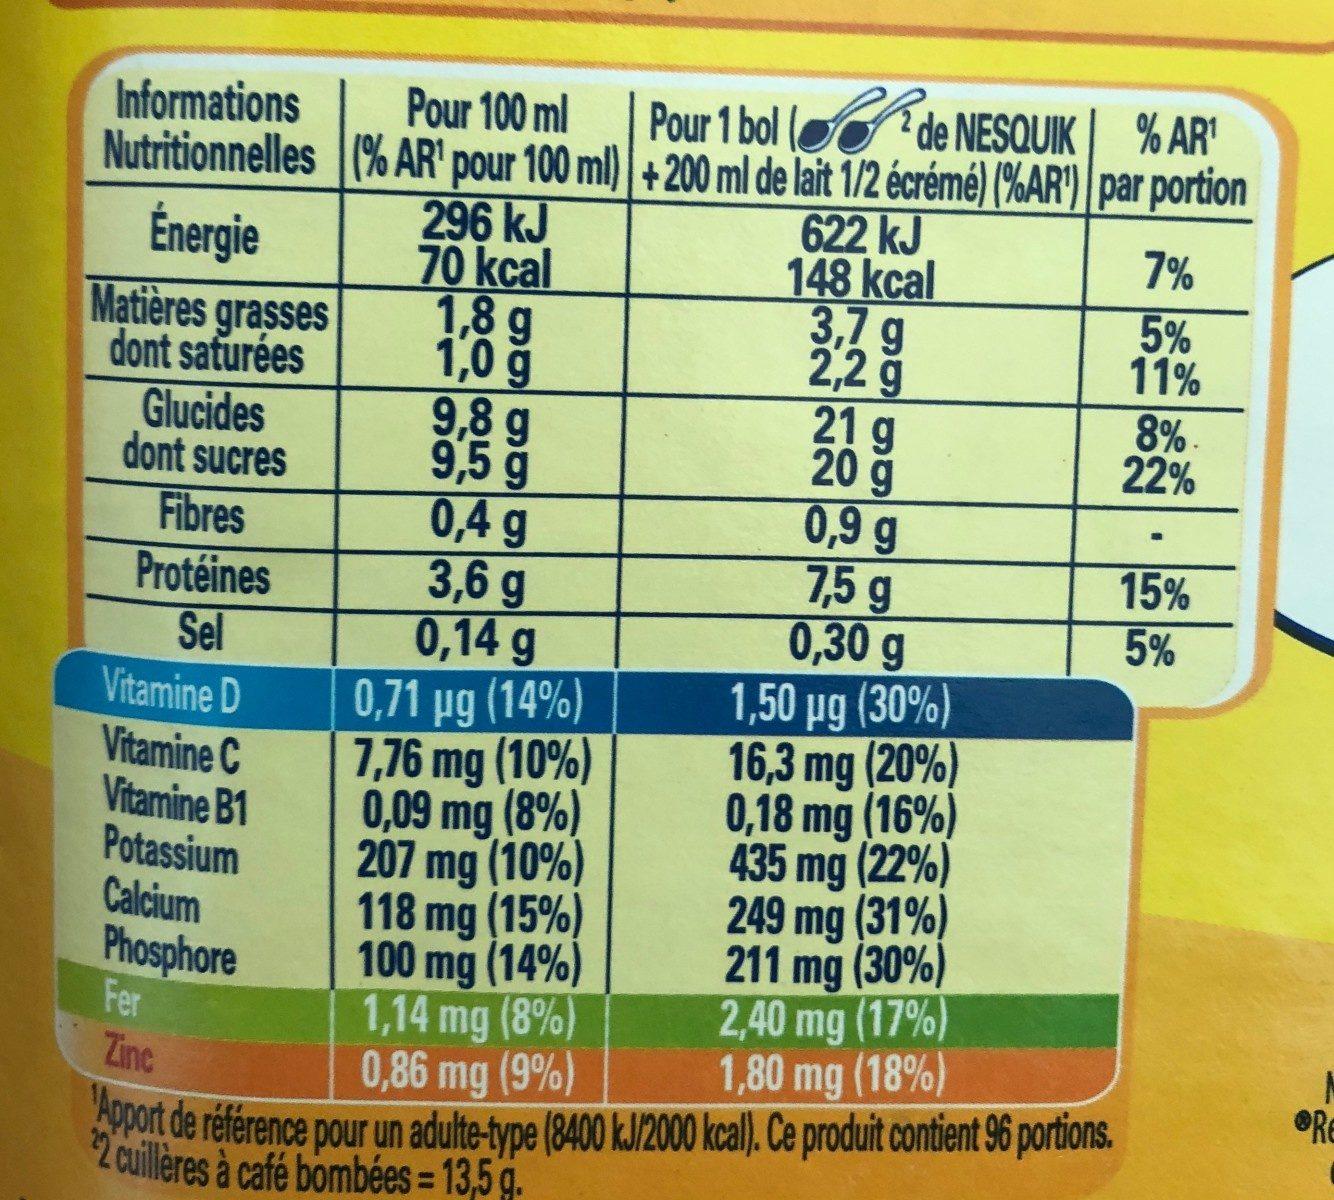 NESQUIK Poudre Cacaotée boîte - Informations nutritionnelles - fr